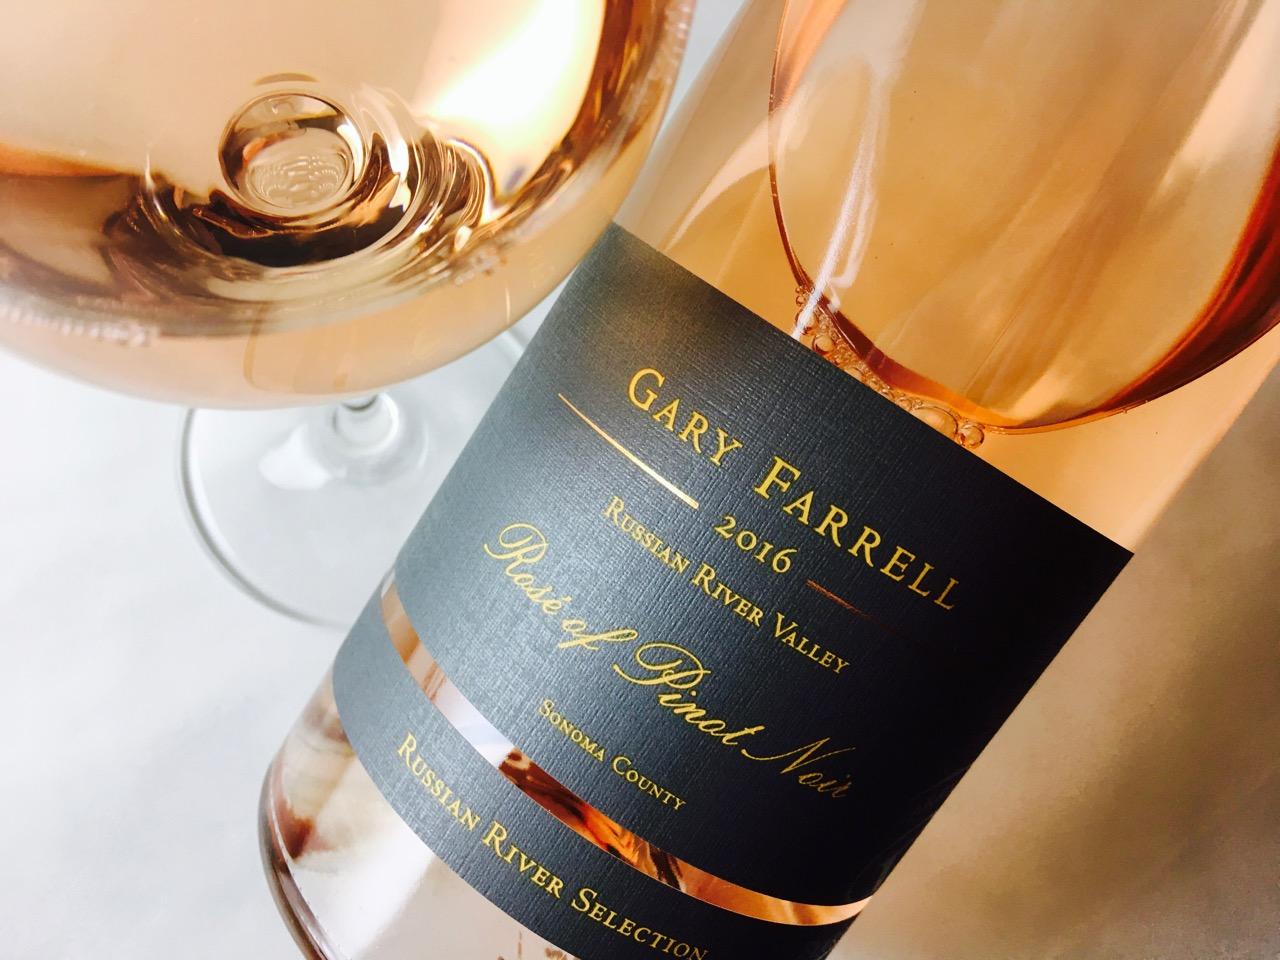 2016 Gary Farrell Pinot Noir Rosé Russian River Valley